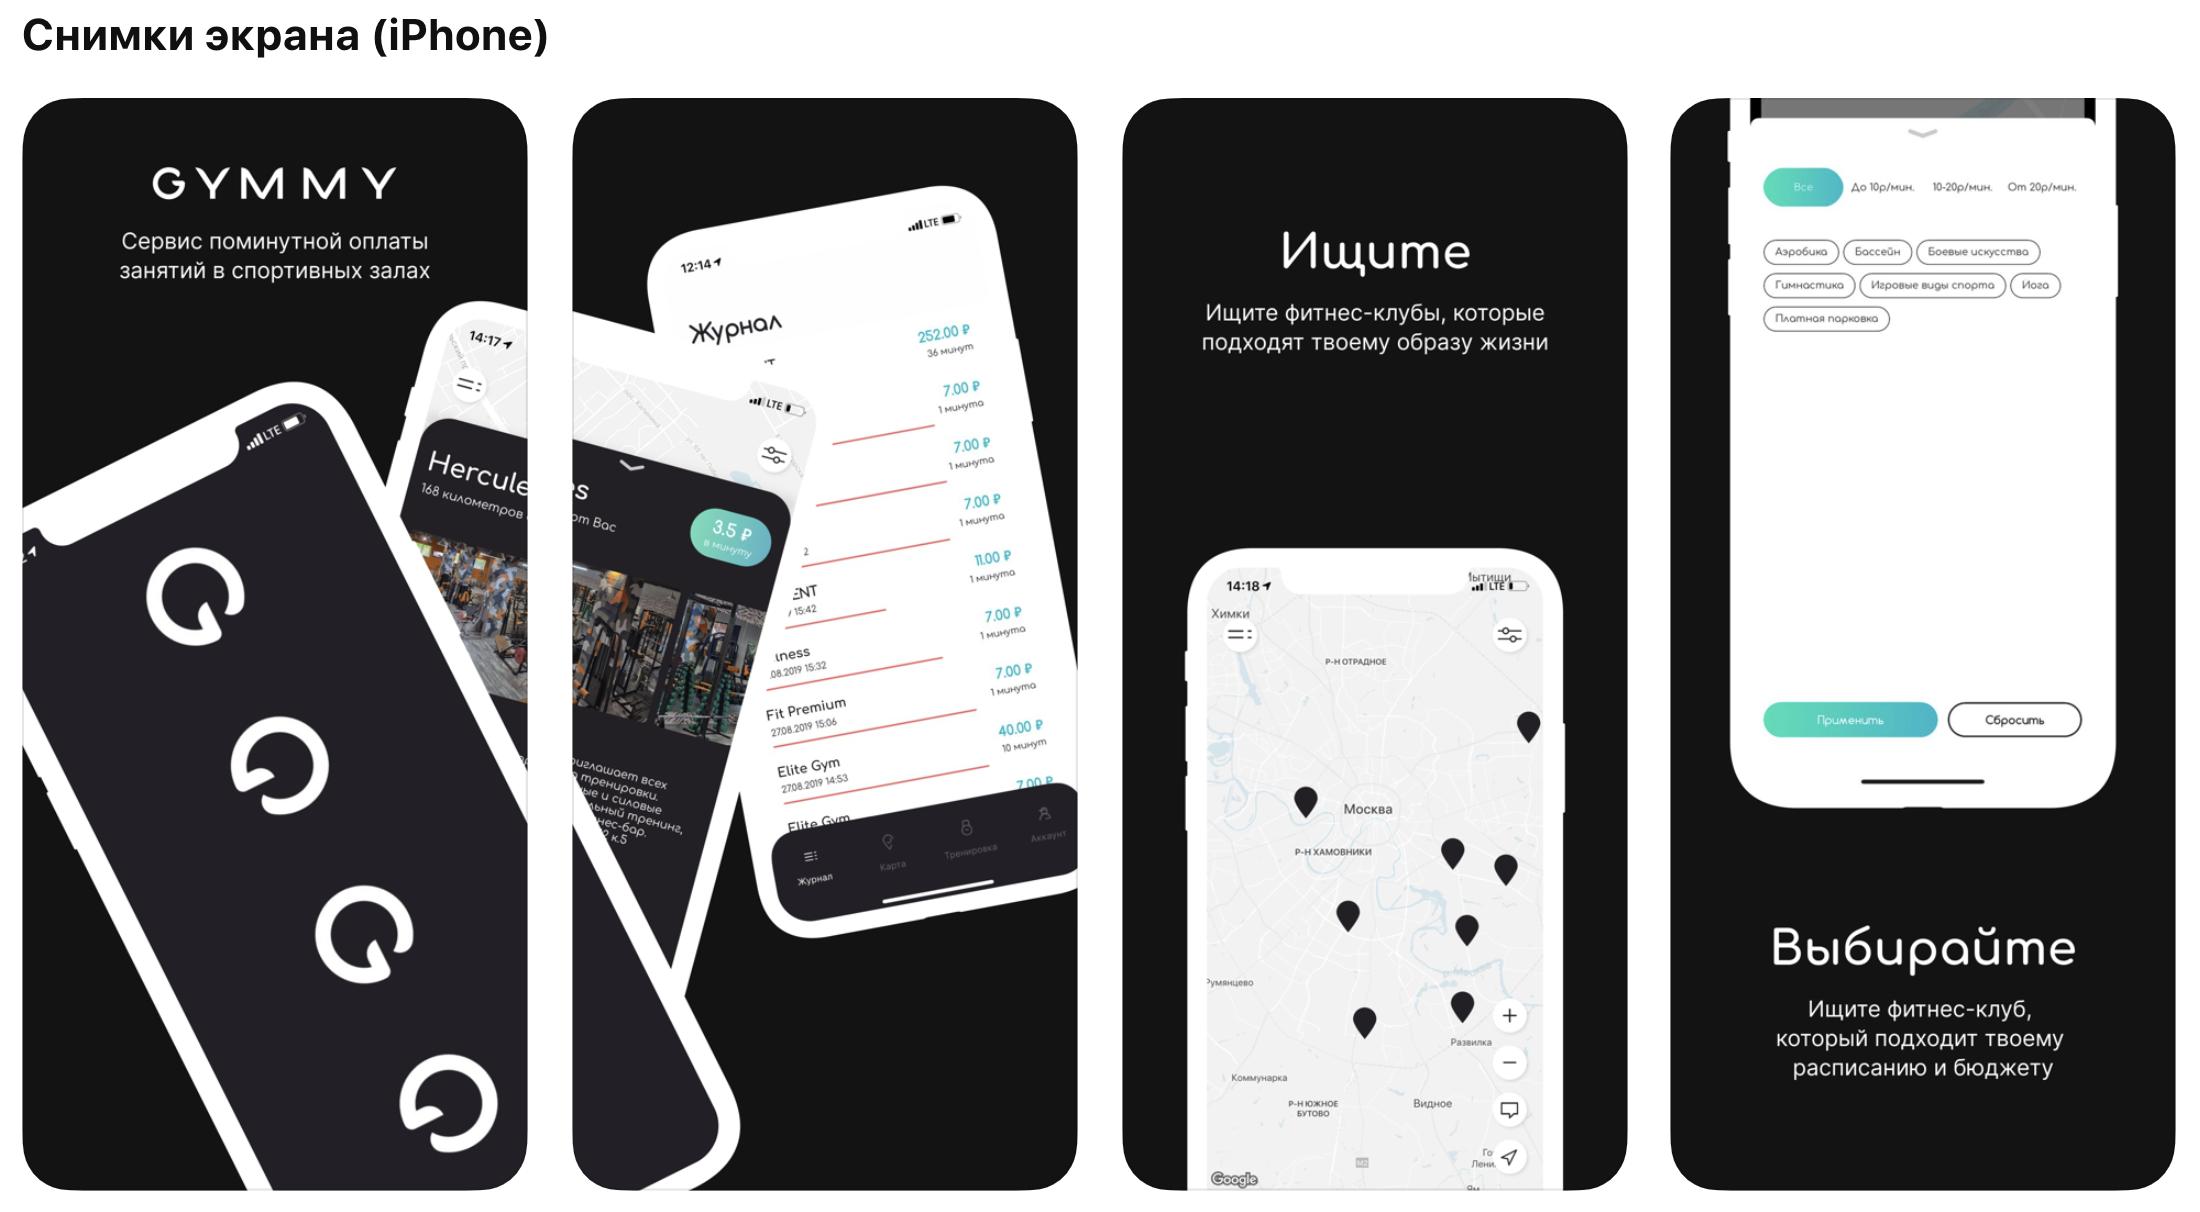 Gymmy в App Store сегодня